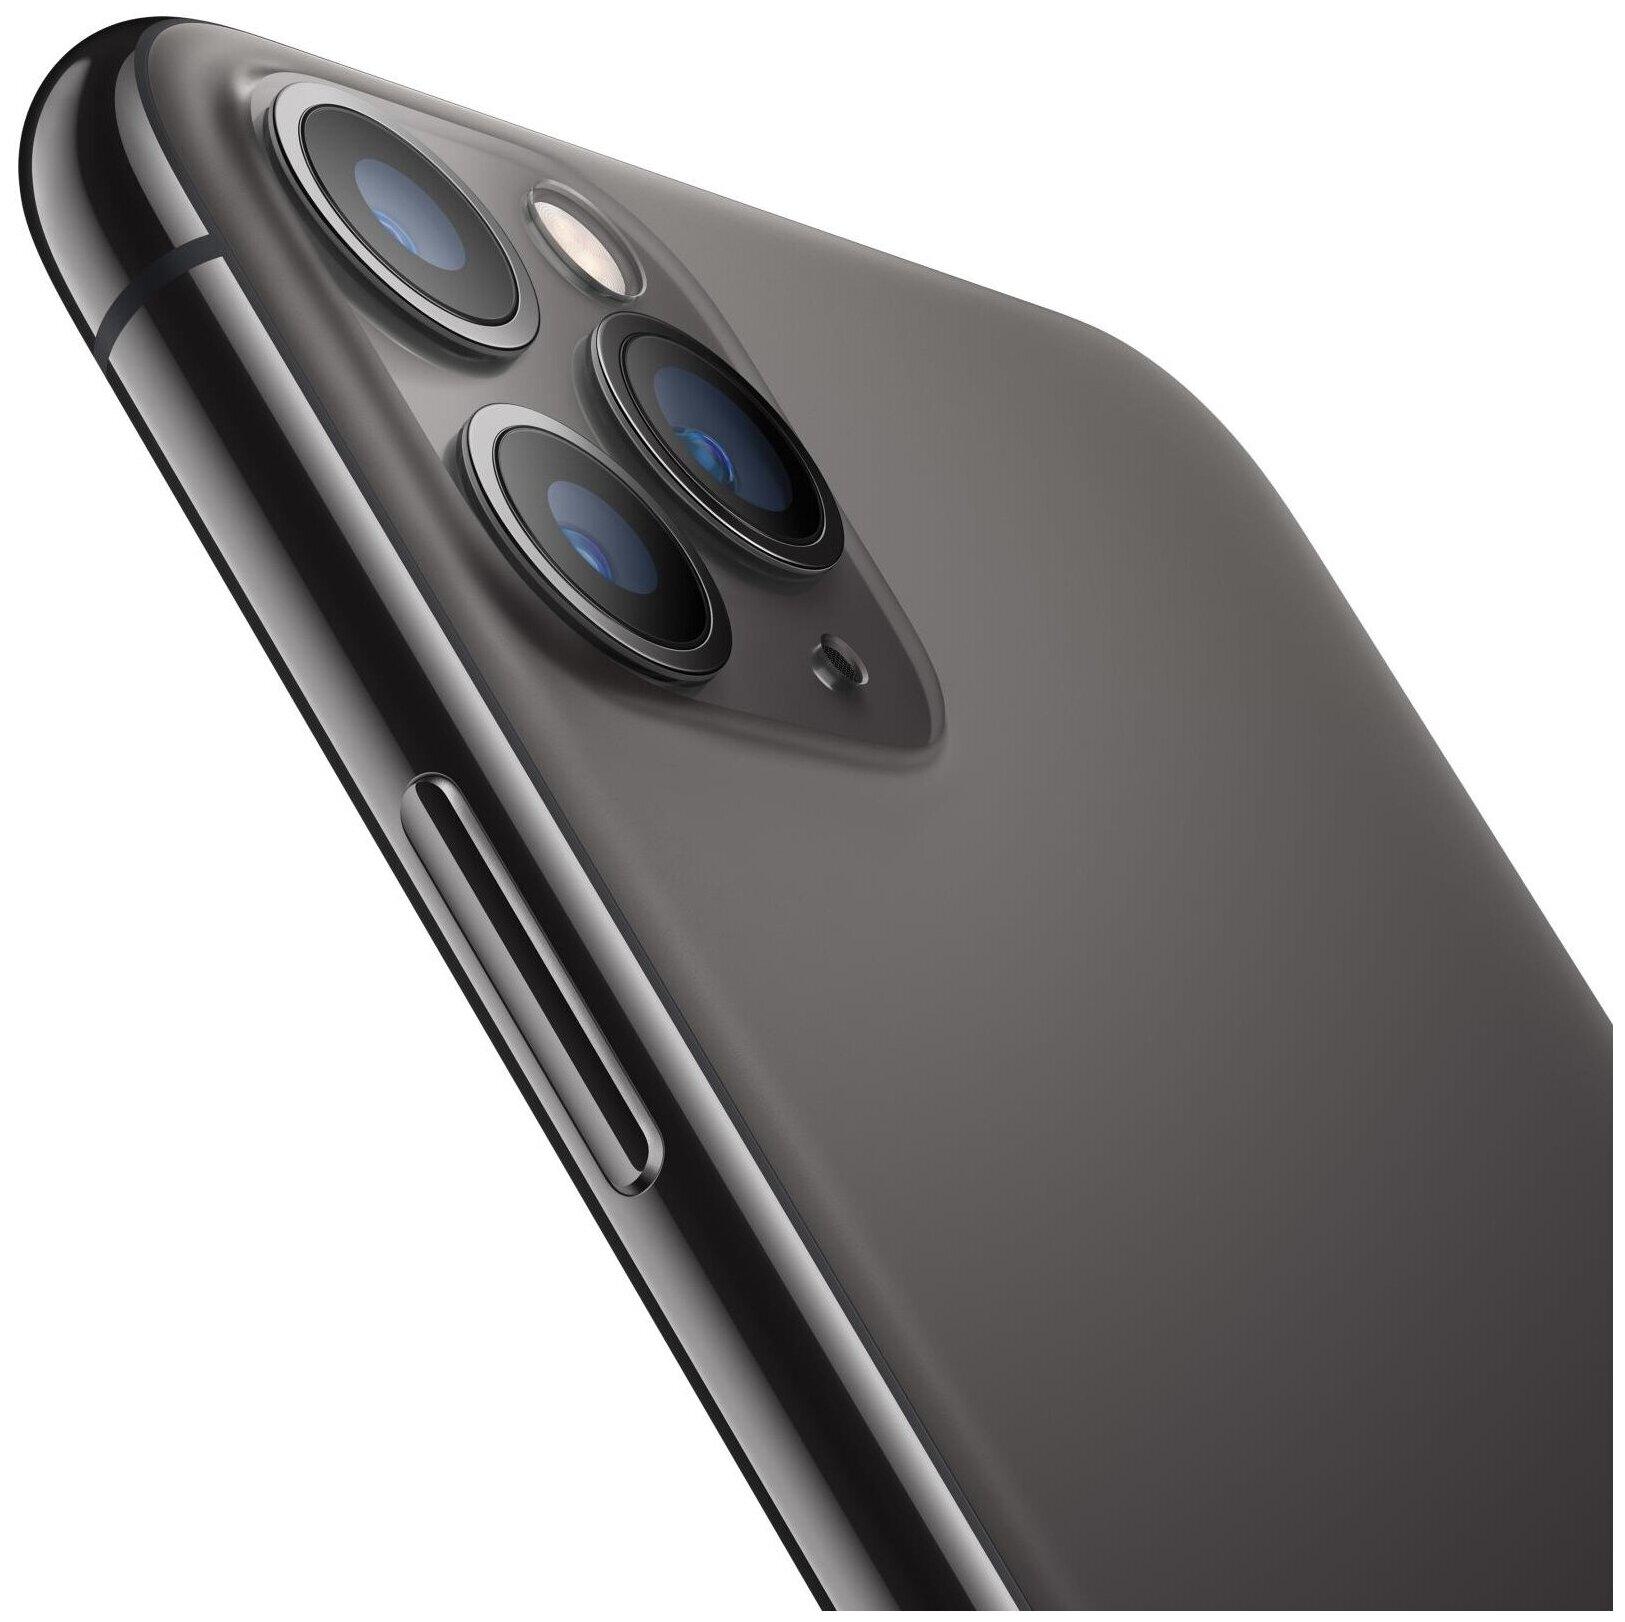 Apple iPhone 11 Pro Max 512GB - операционная система: iOS 13